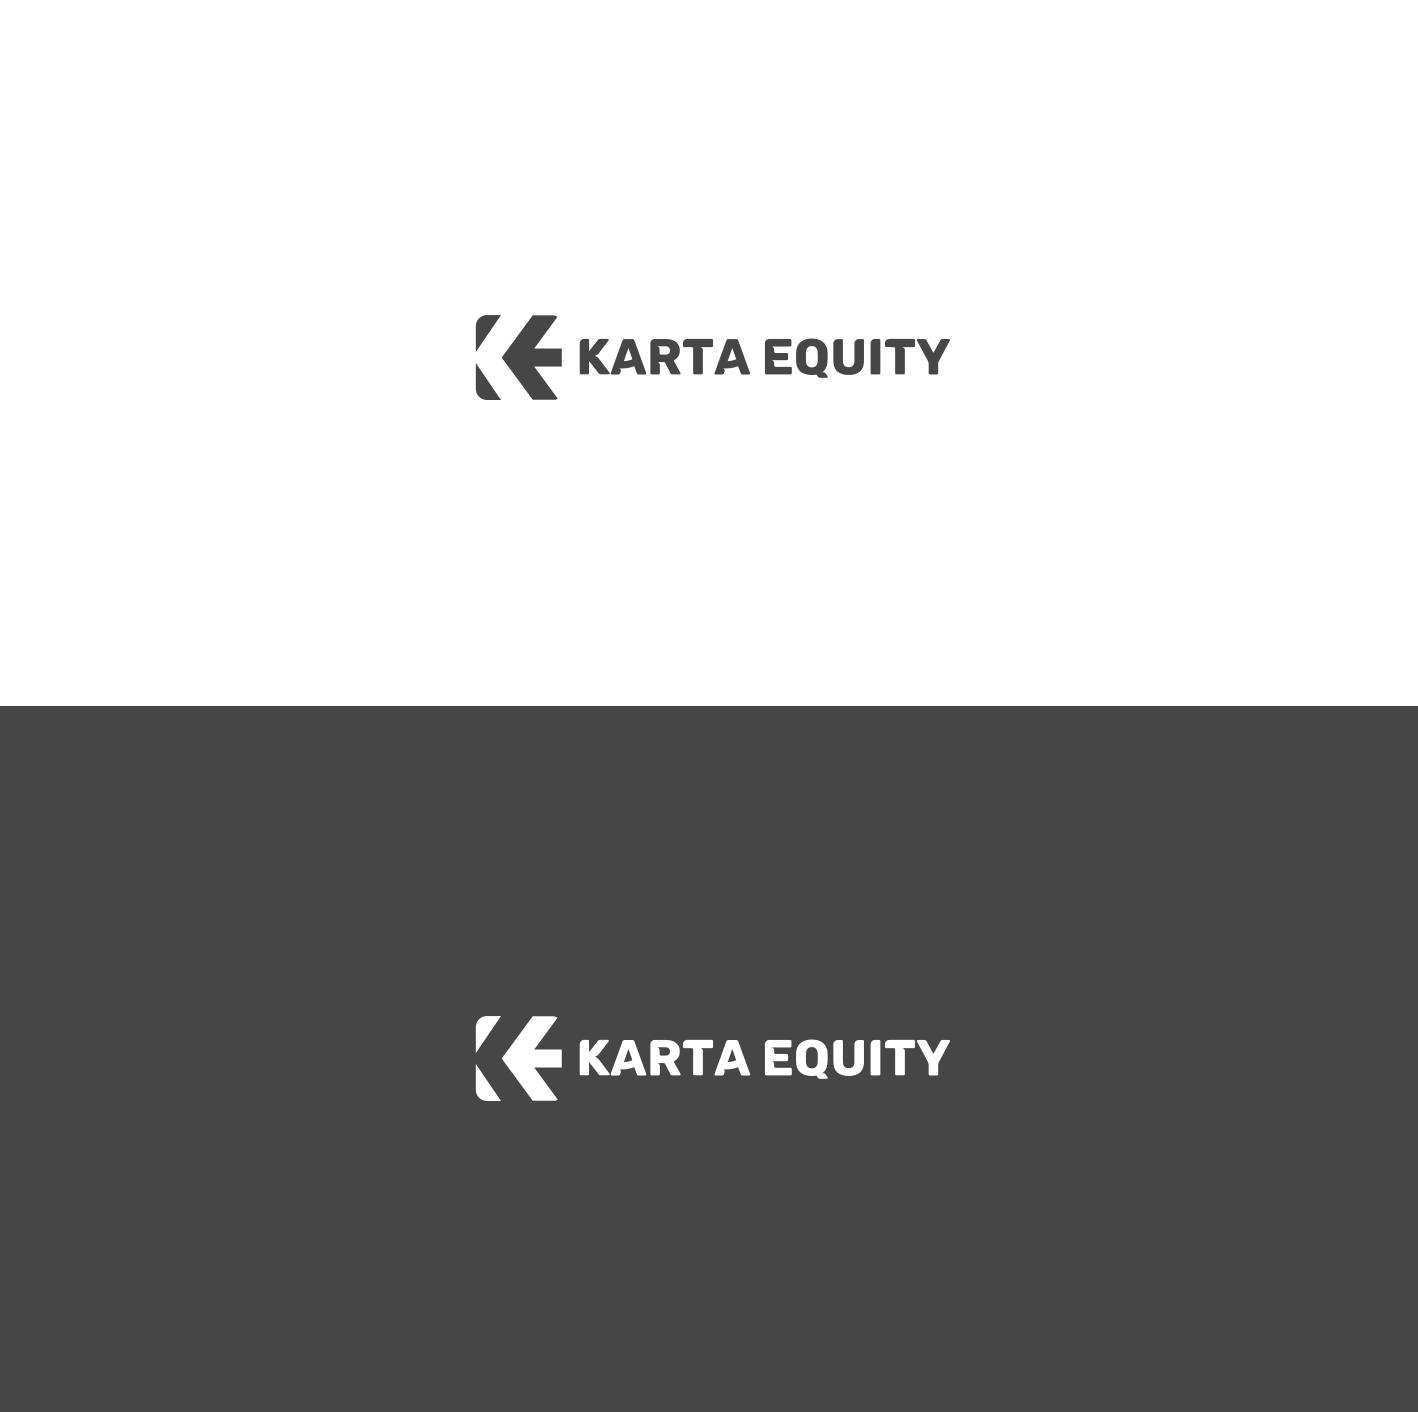 Логотип для компании инвестироваюшей в жилую недвижимость фото f_6645e1b5b47ed4e2.png